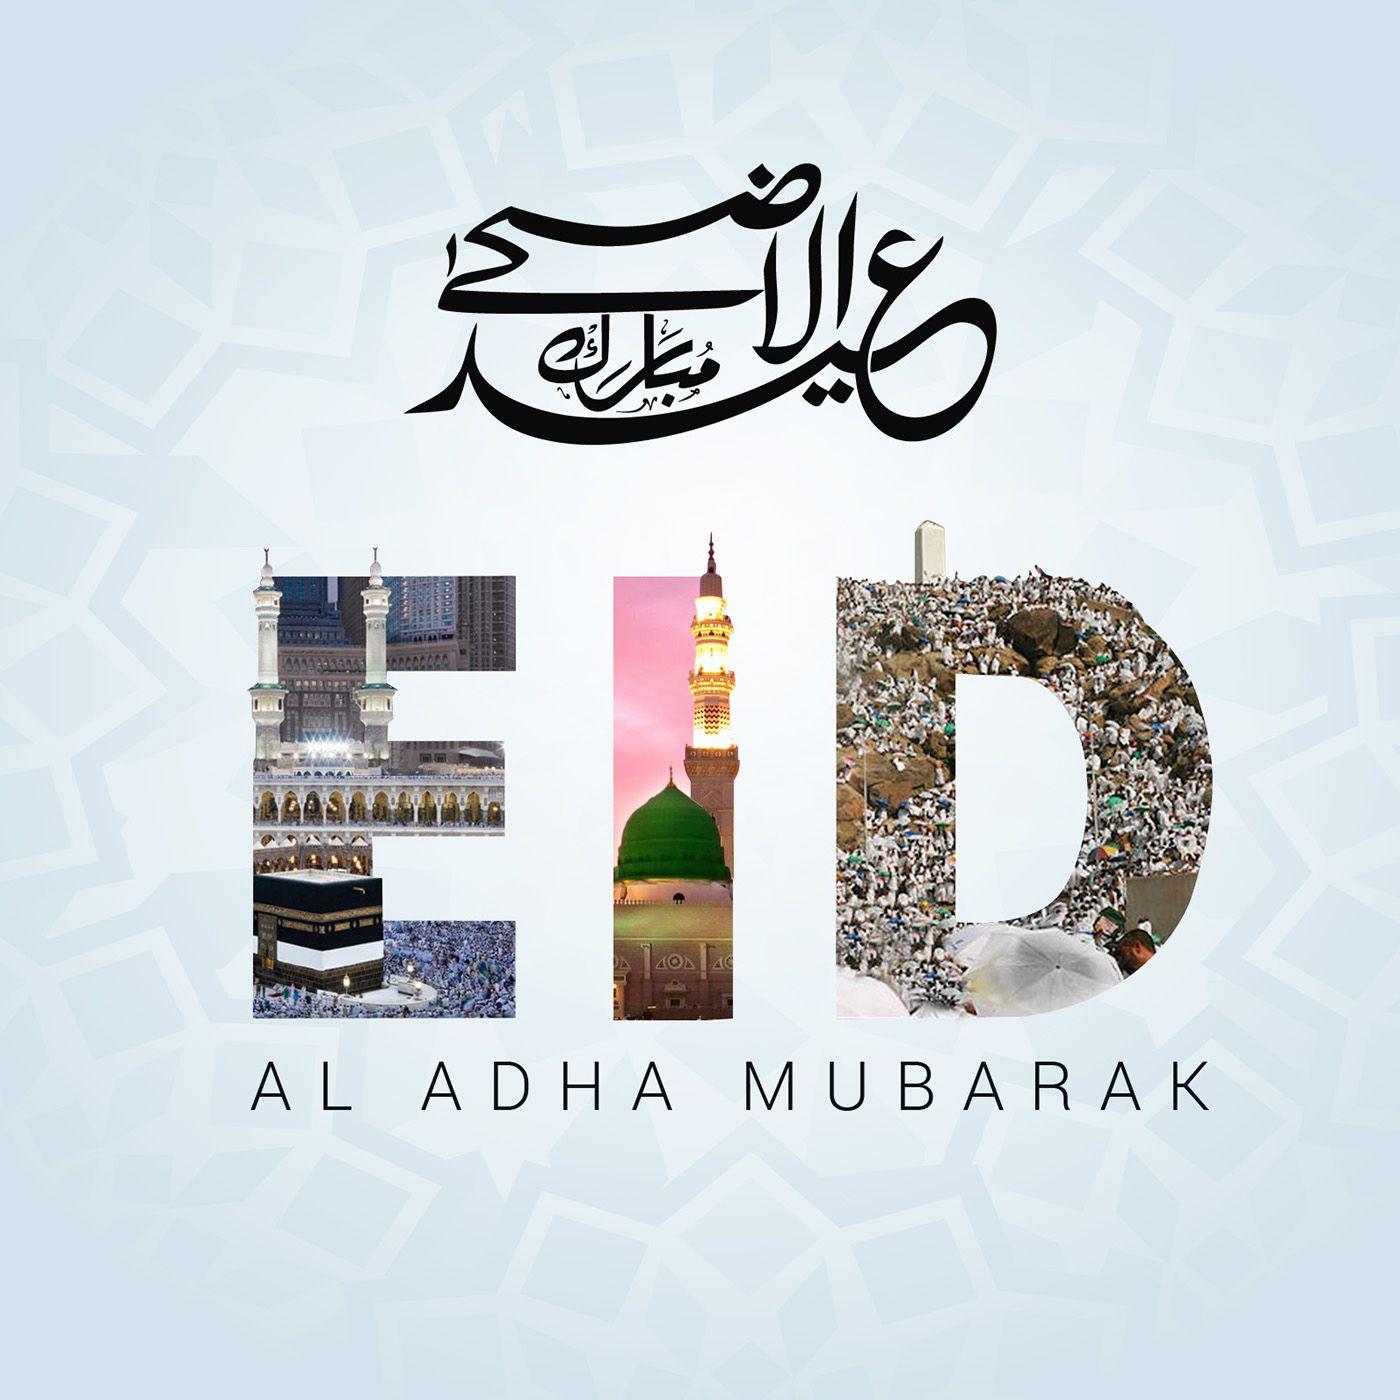 Pin Oleh Mohammed Aman Di Eid Mubarak Kartu Eid Kreatif